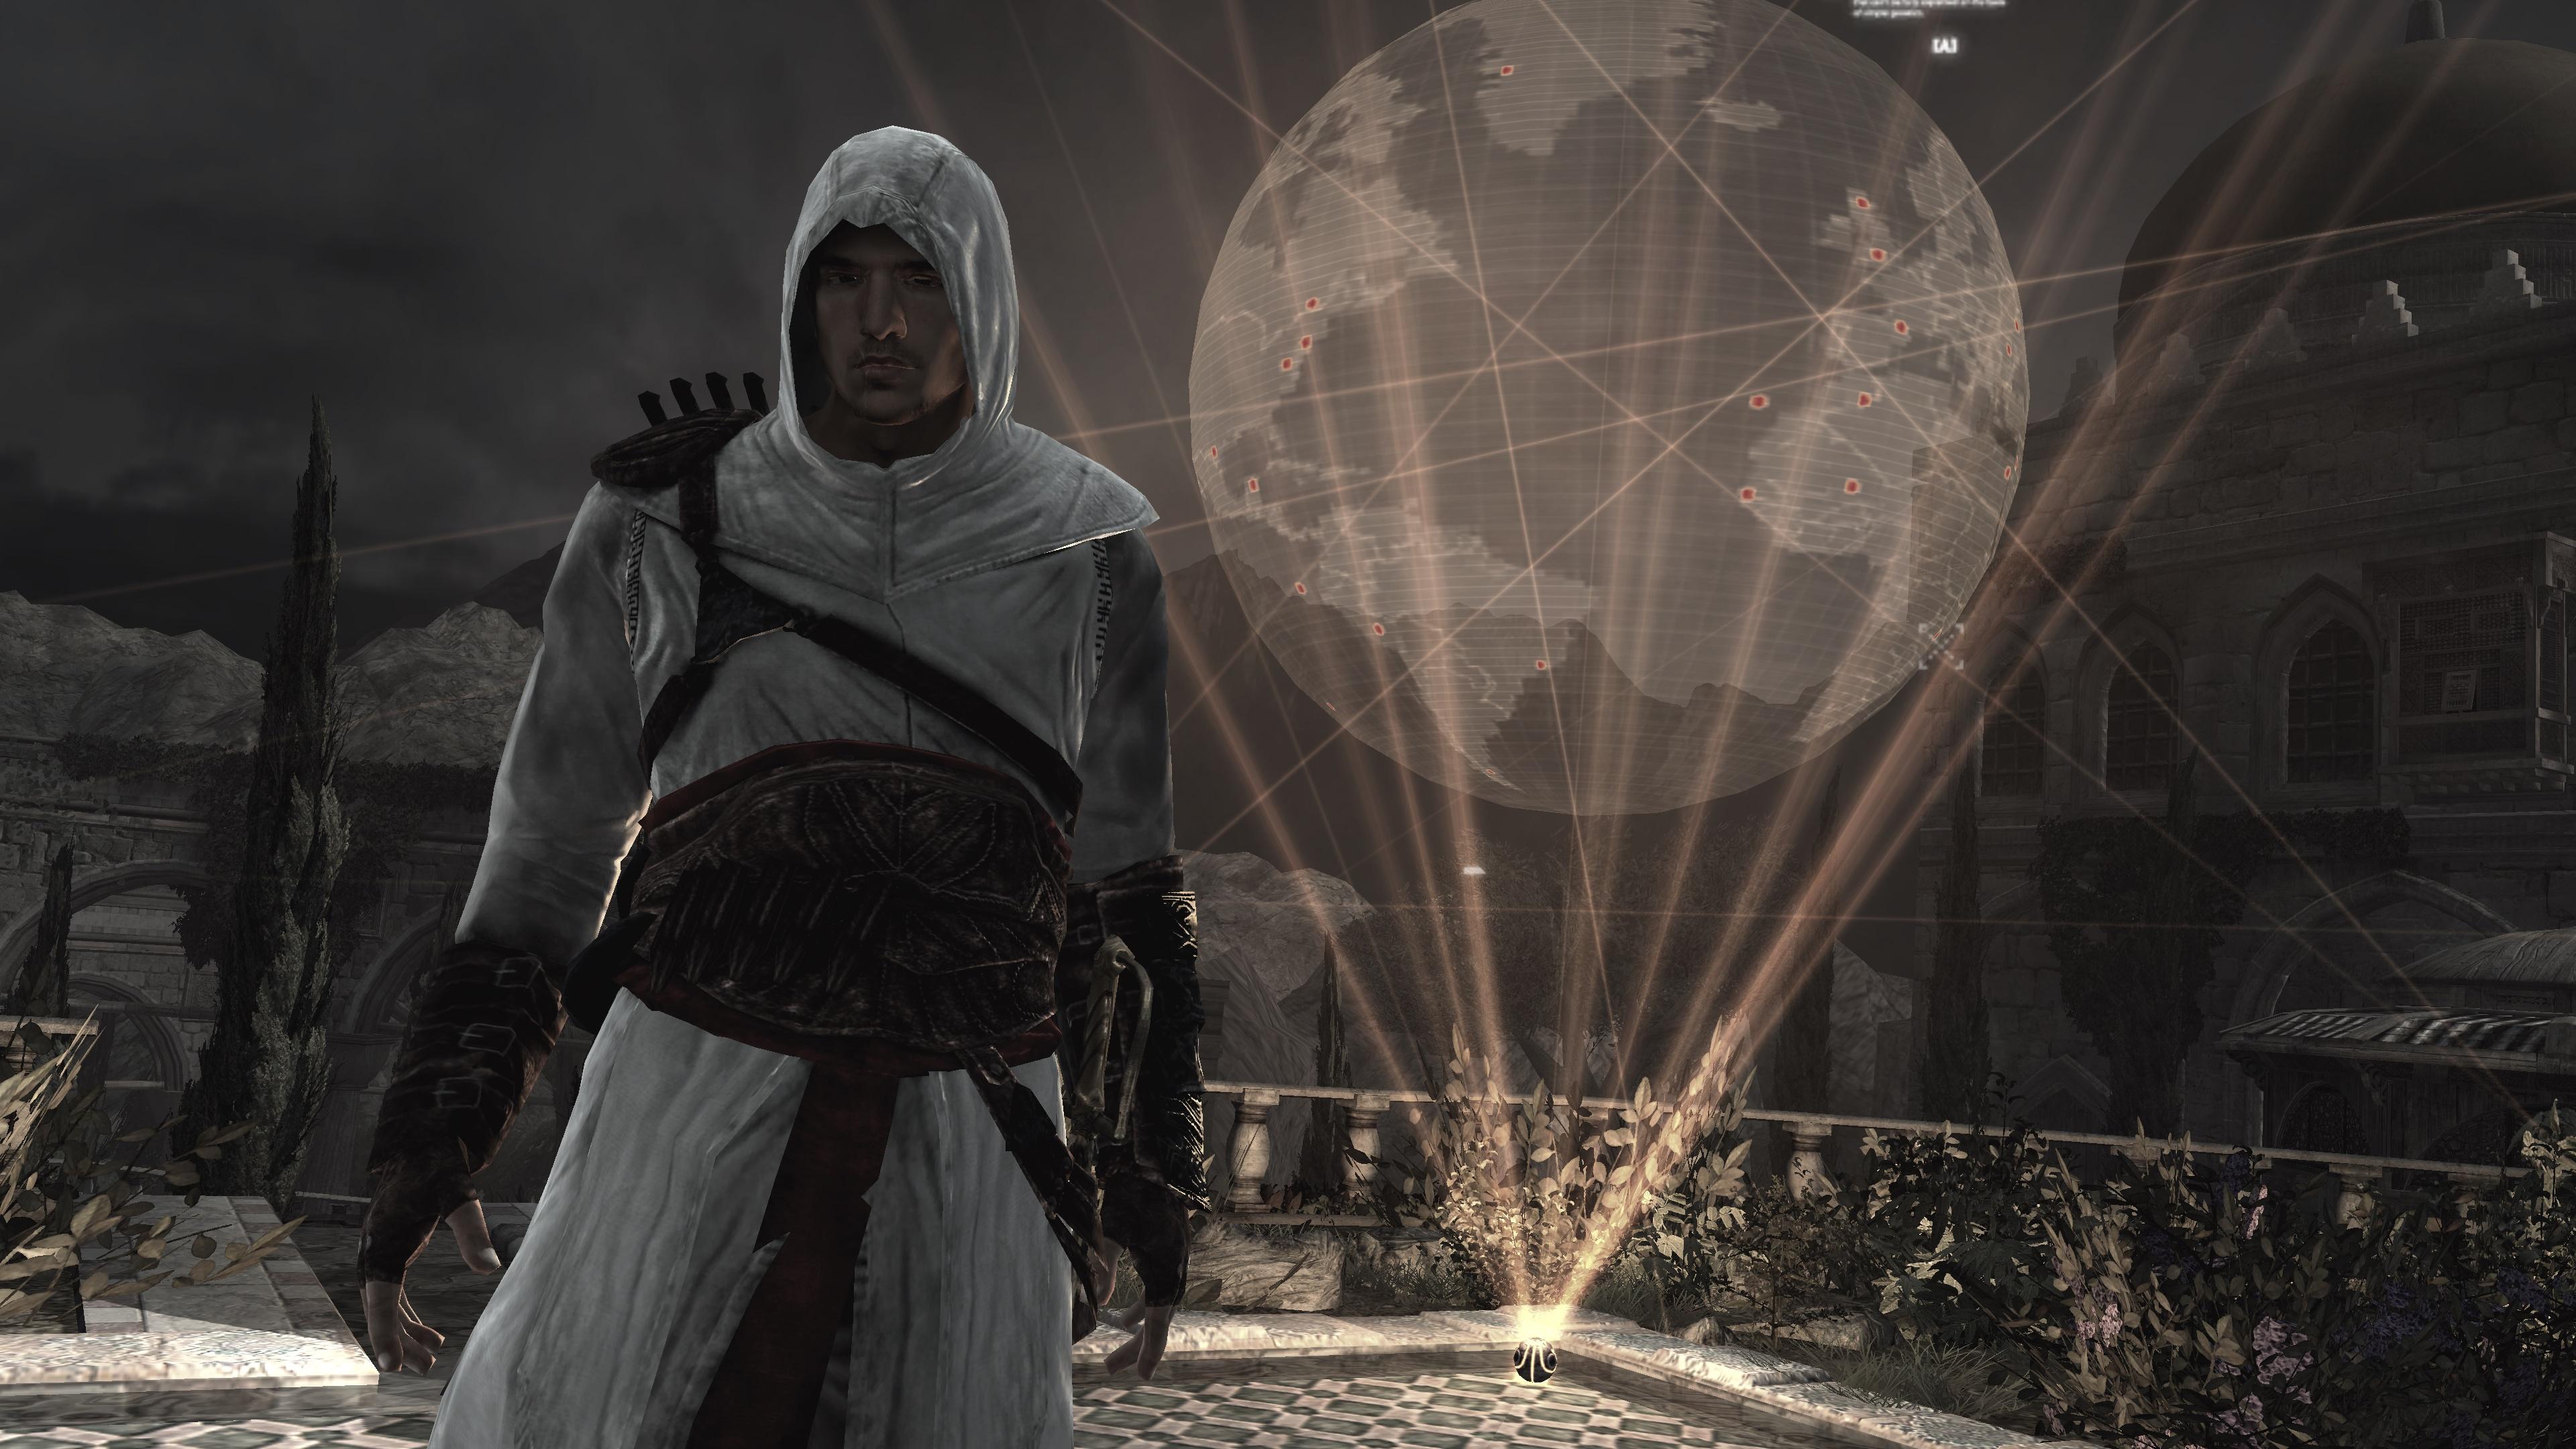 AssassinsCreed_Dx10 2020-02-15 02-06-17-057.jpg - Assassin's Creed